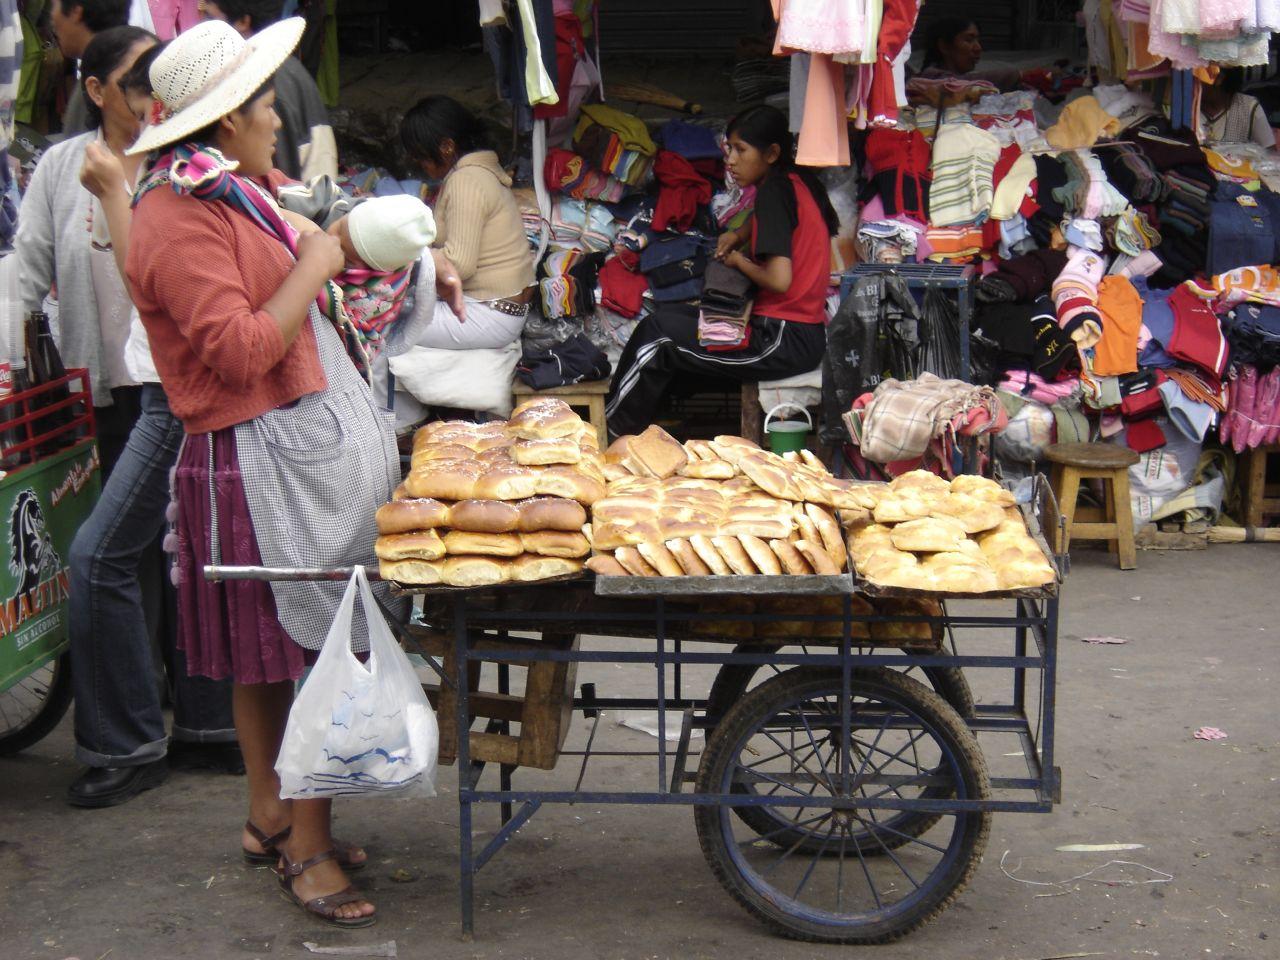 Bolivian market, bread-seller